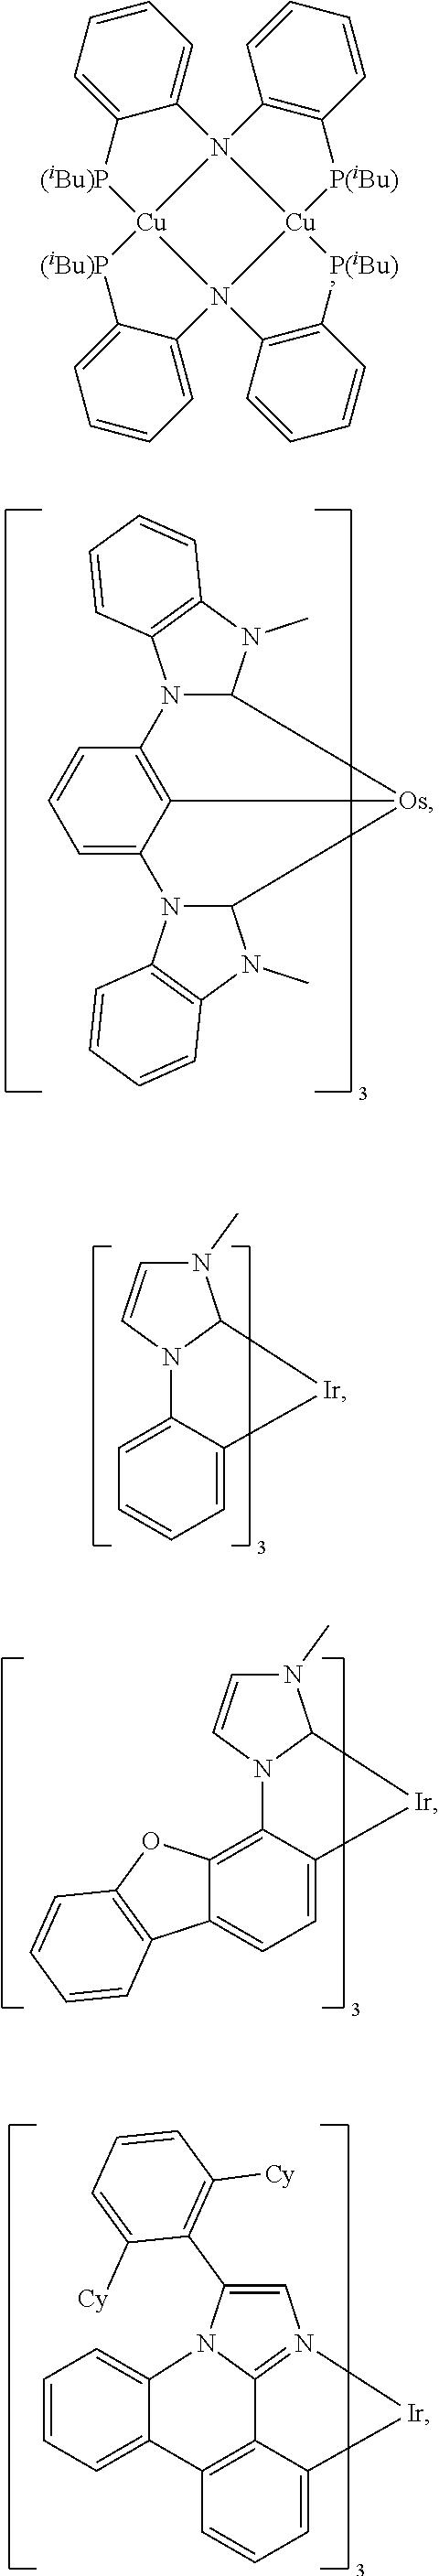 Figure US20190161504A1-20190530-C00067